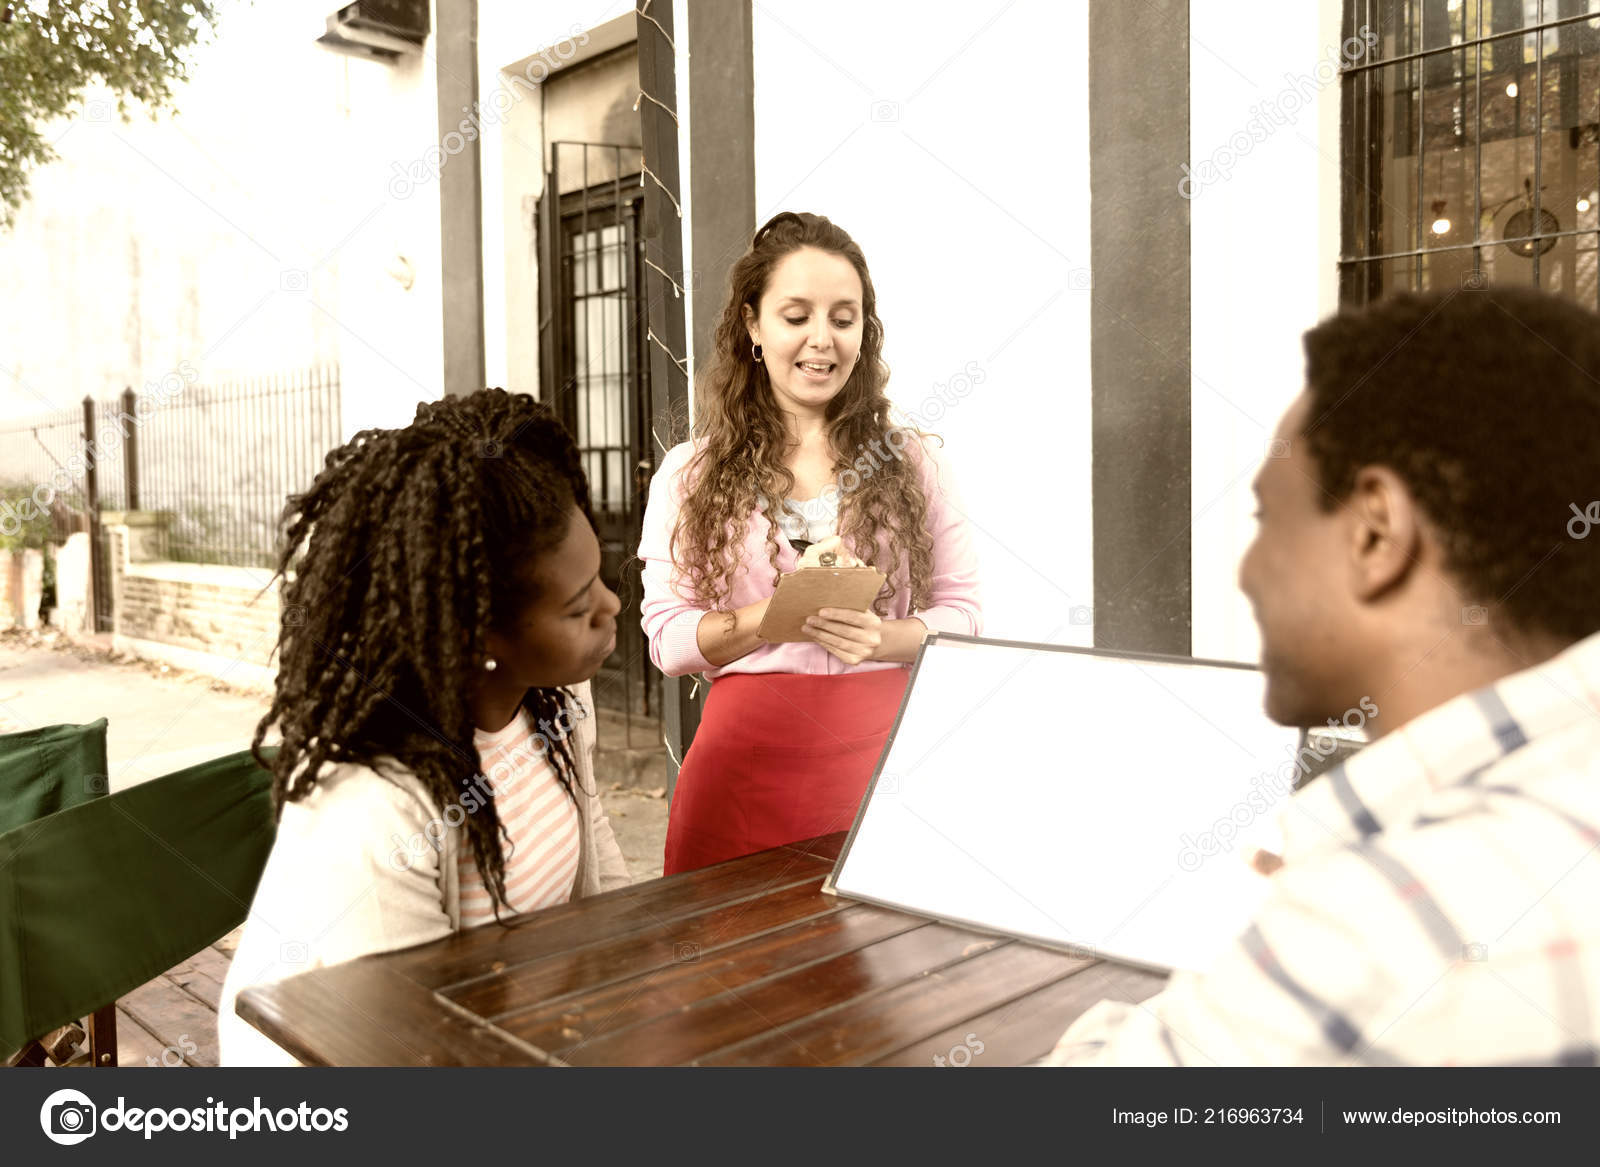 e1864774eb2980 Paar Jungen Afrikanischen Freunde Der Kellnerin Kaffee Bäckerei Shop  Bestellen — Stockfoto